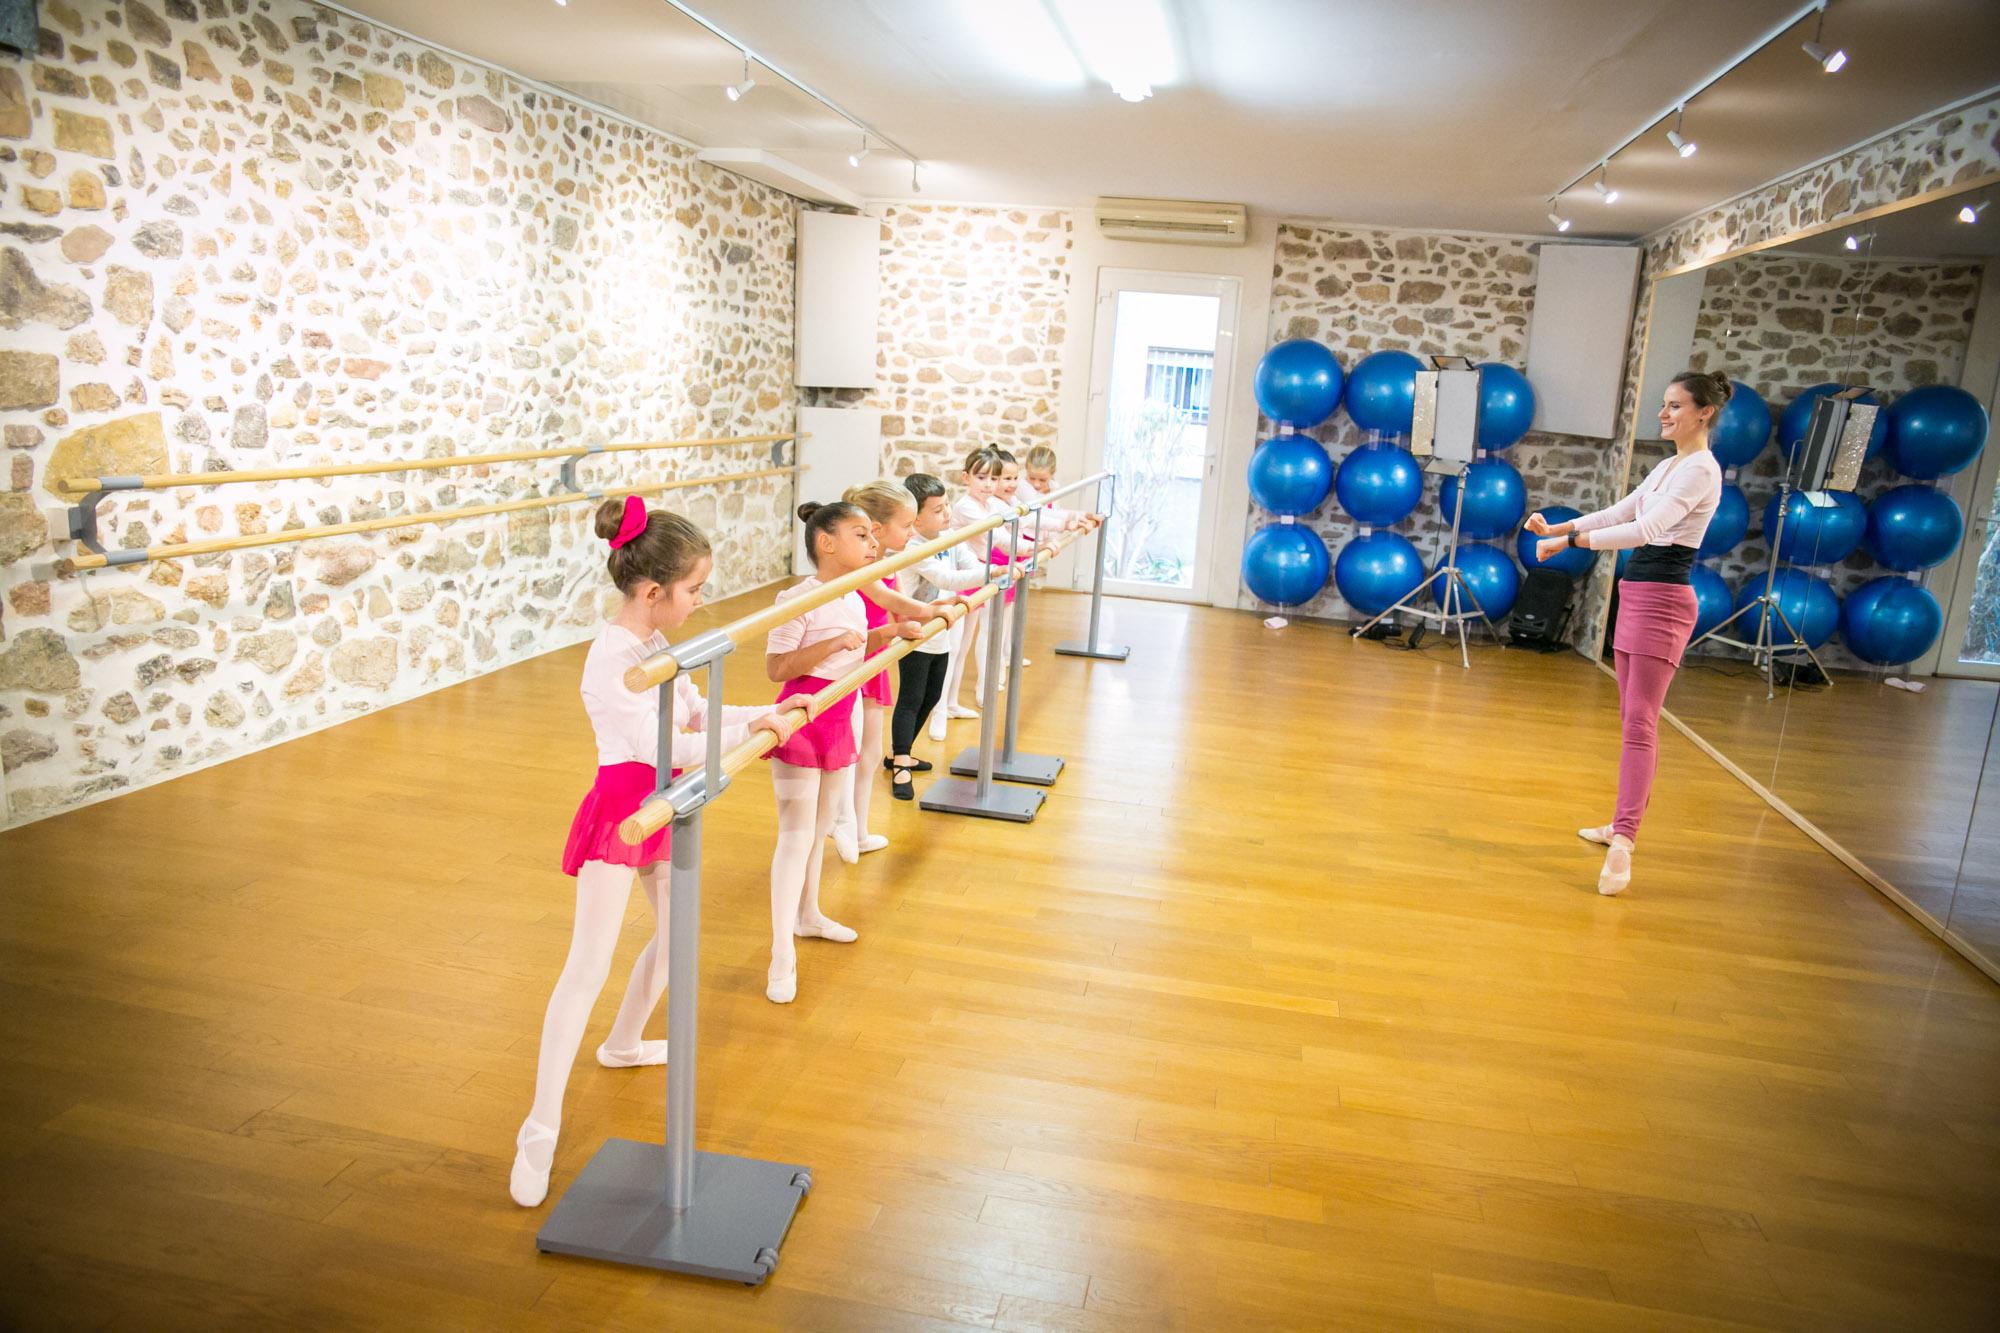 cours ecole danse classique la valette toulon enfant adulte pilates barre au sol eveil initiation debutant pas cher helivision.fr -10.jpg